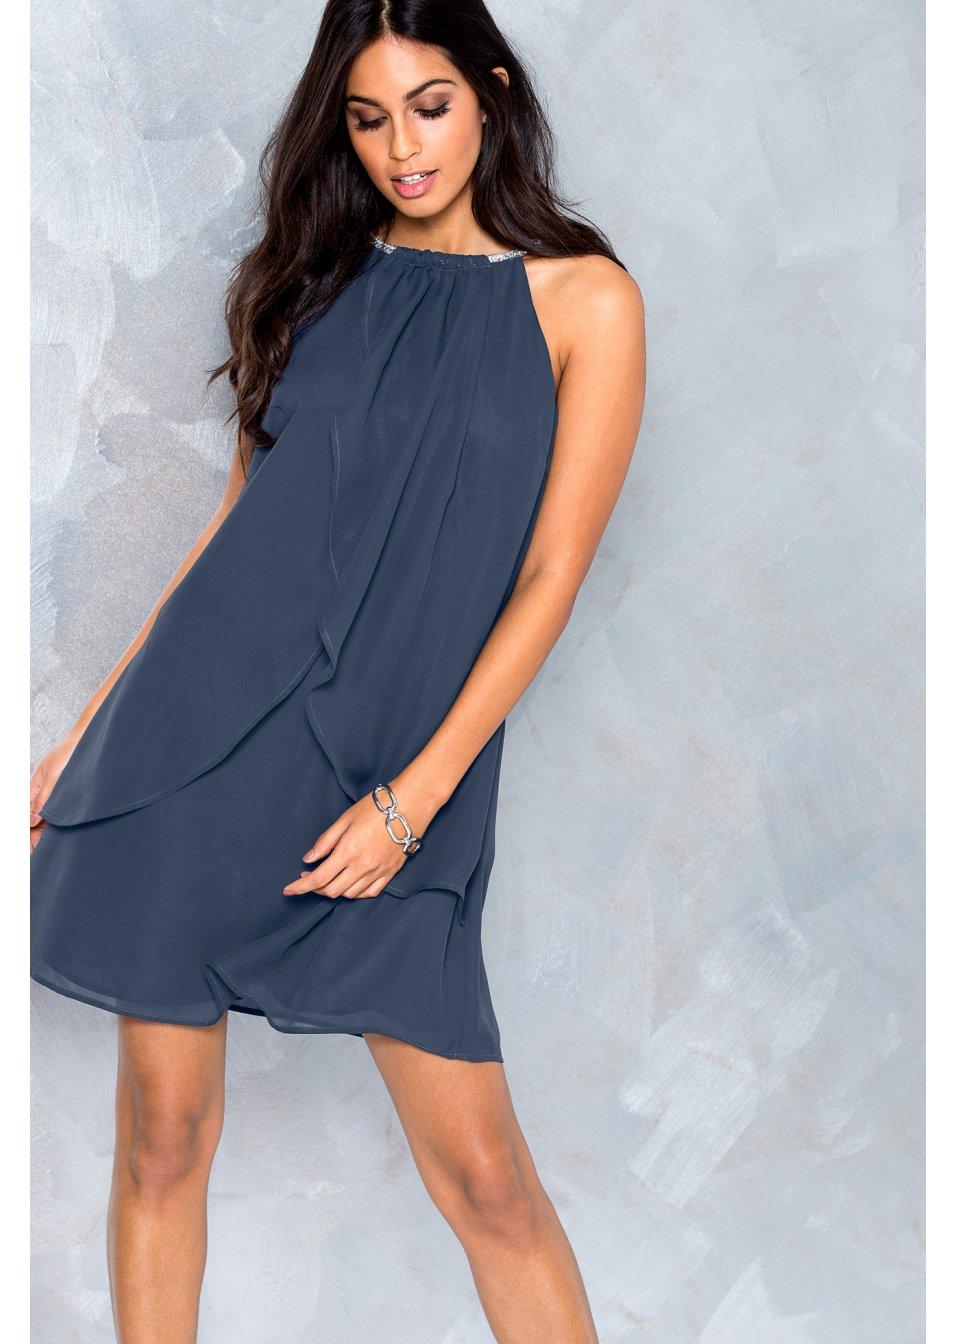 Elegante und feminine Neckholderer Kleider von bonprix